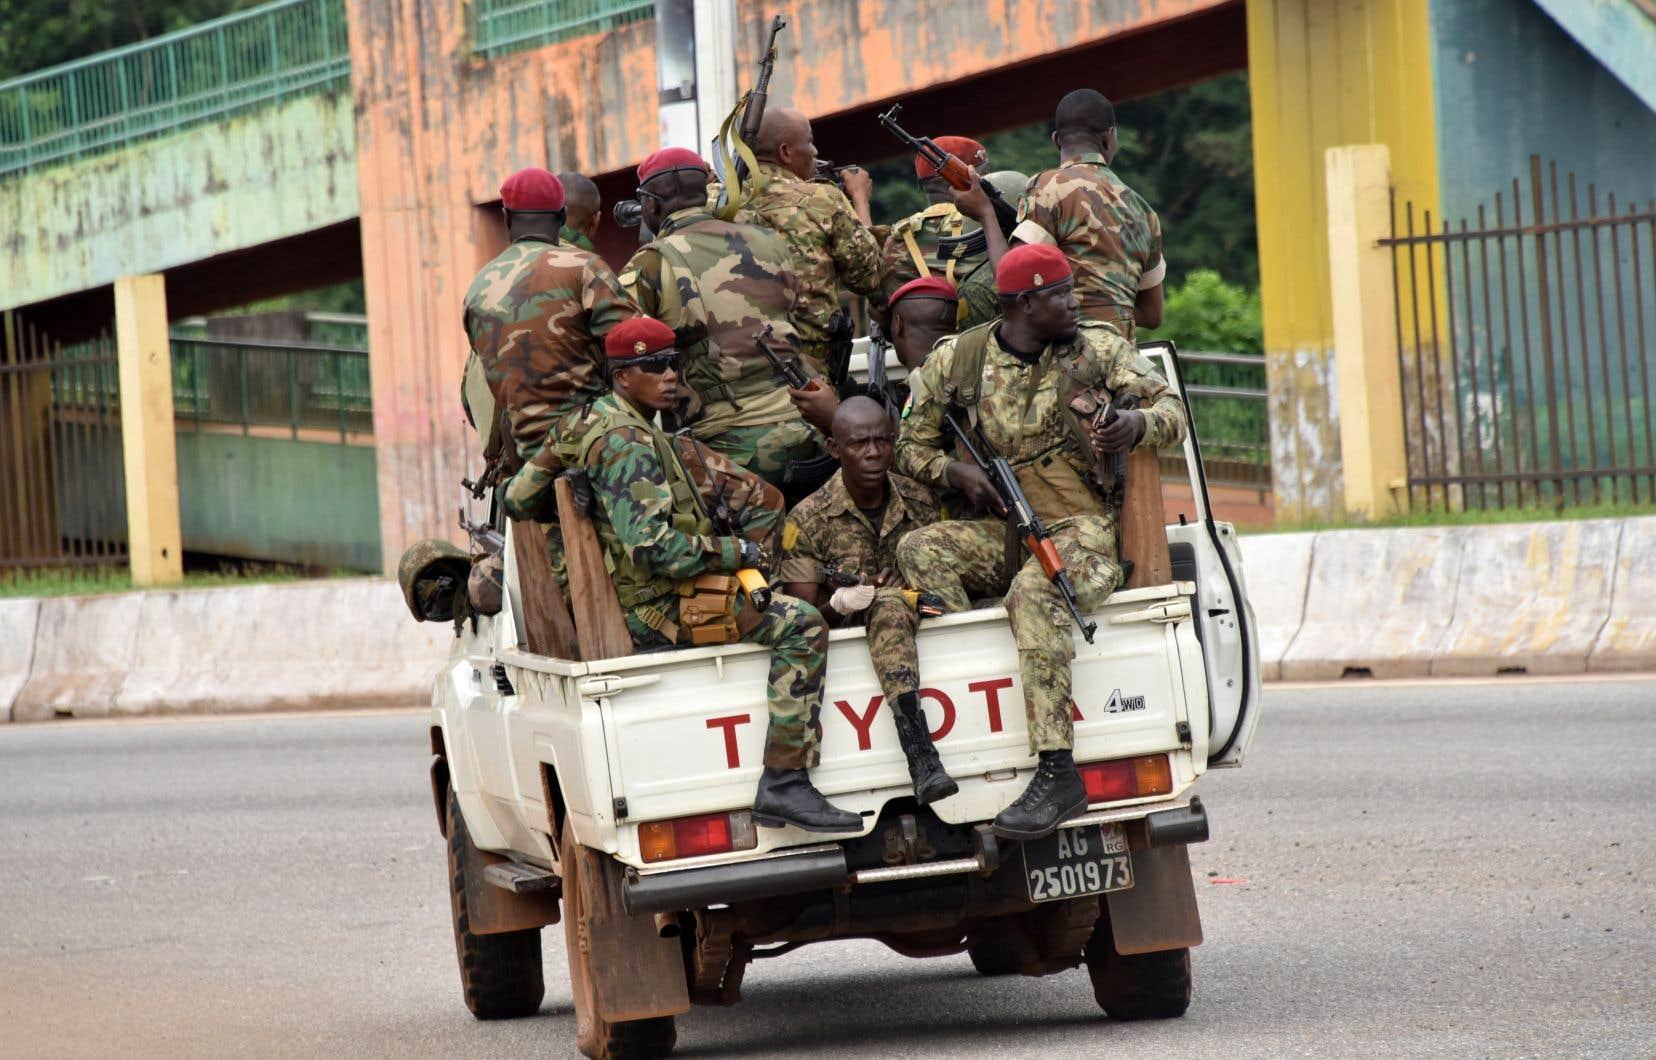 Des membres des Forces armées guinéennes traversent le quartier central de Kaloum à Conakry le 5 septembre 2021 après que des coups de feu aient été entendus.